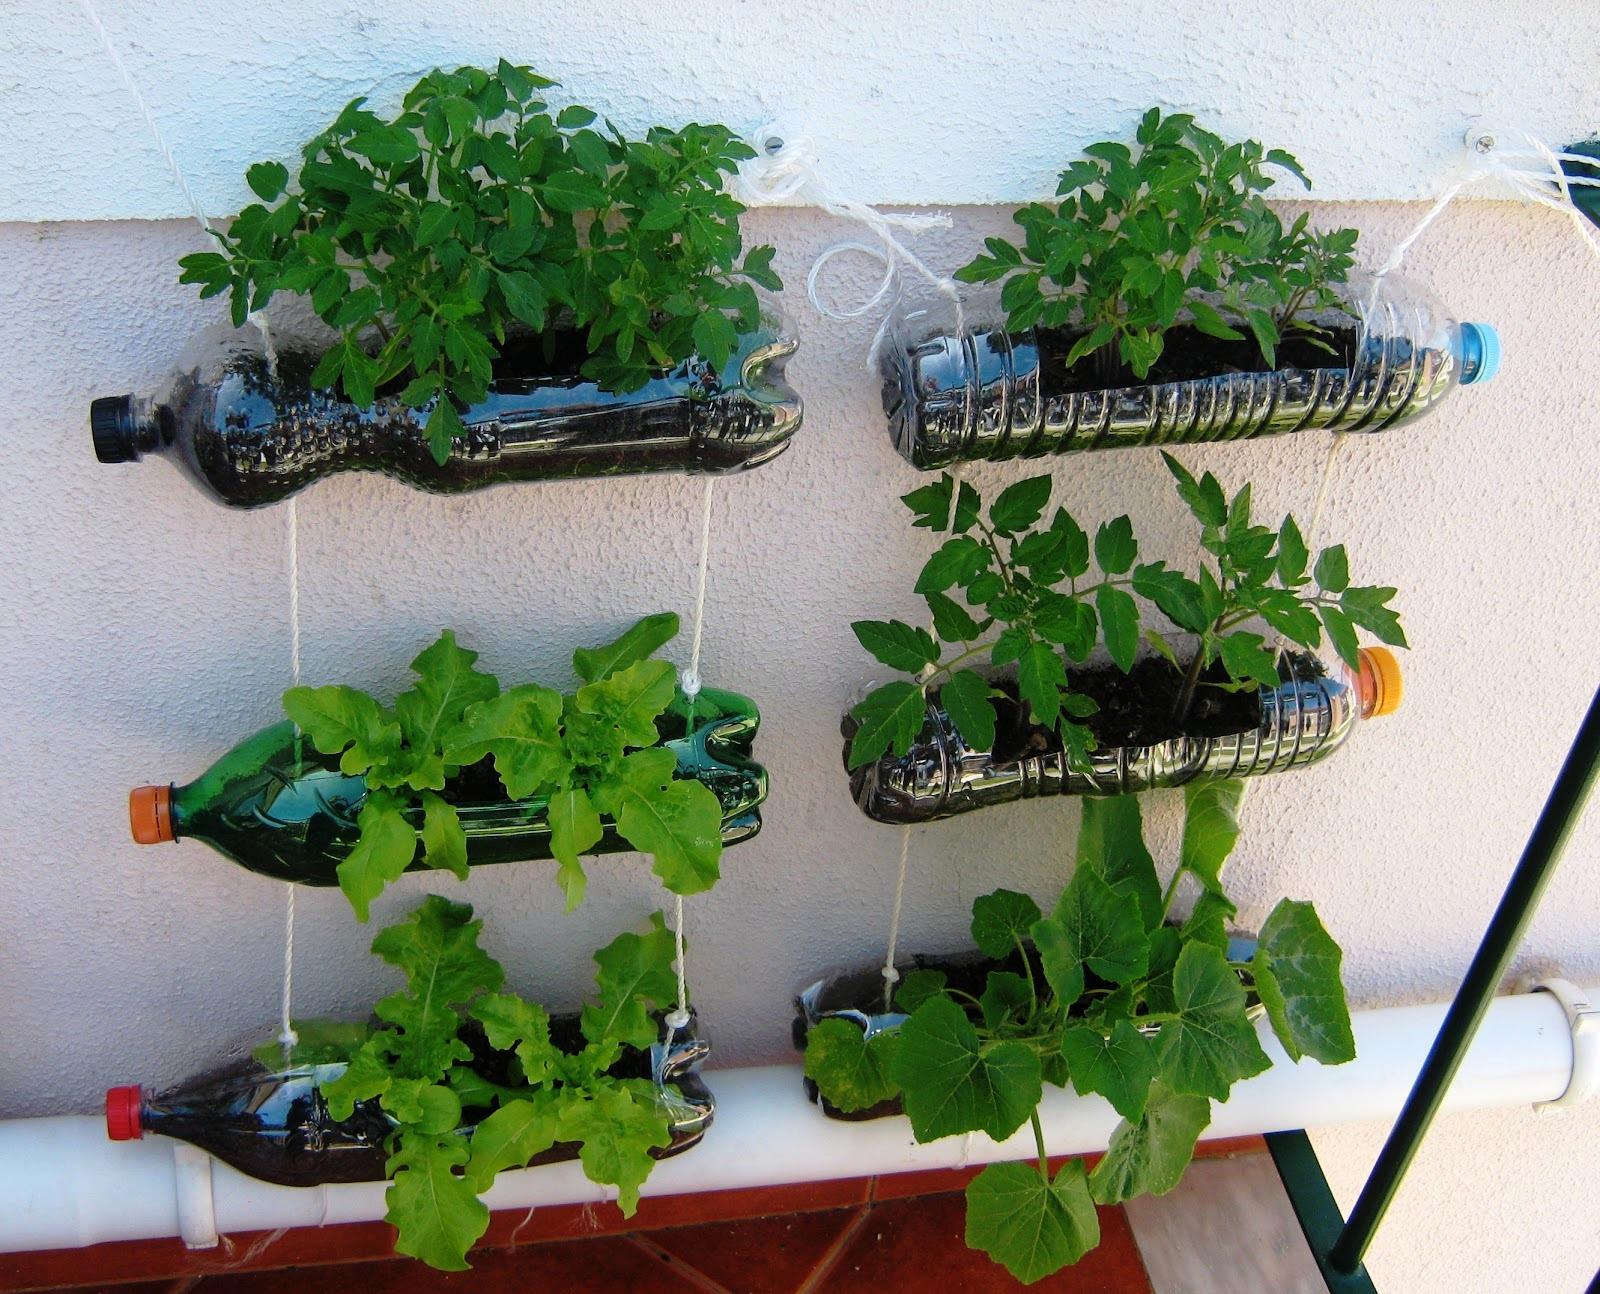 Riciclo creativo per l\'orto sul balcone: alcune idee